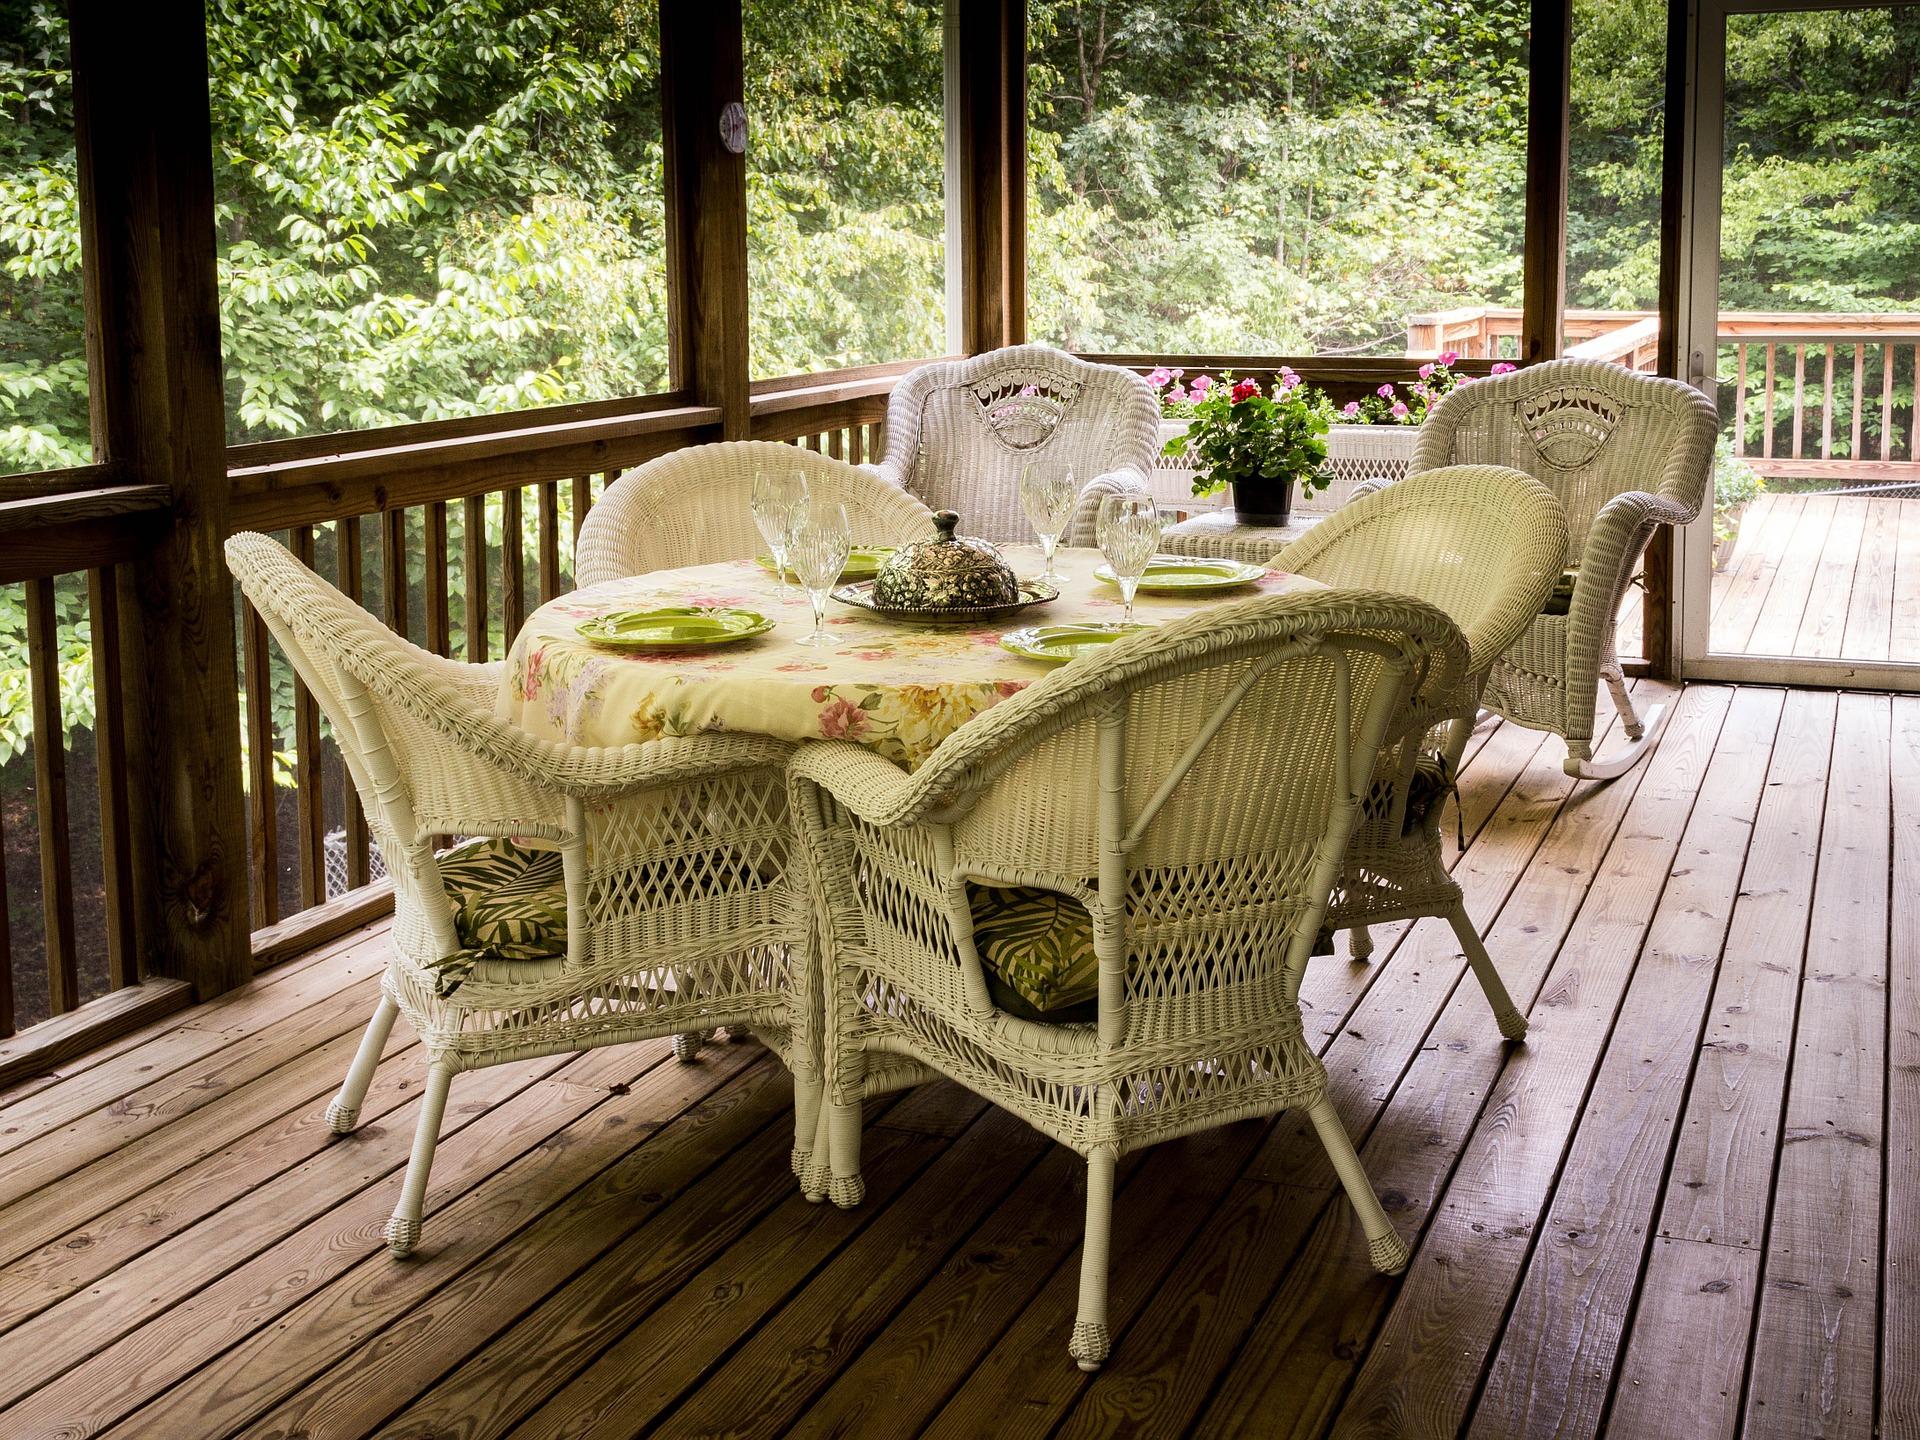 Optimaal genieten van je tuin in de zomer 218 #veranda #zonwering